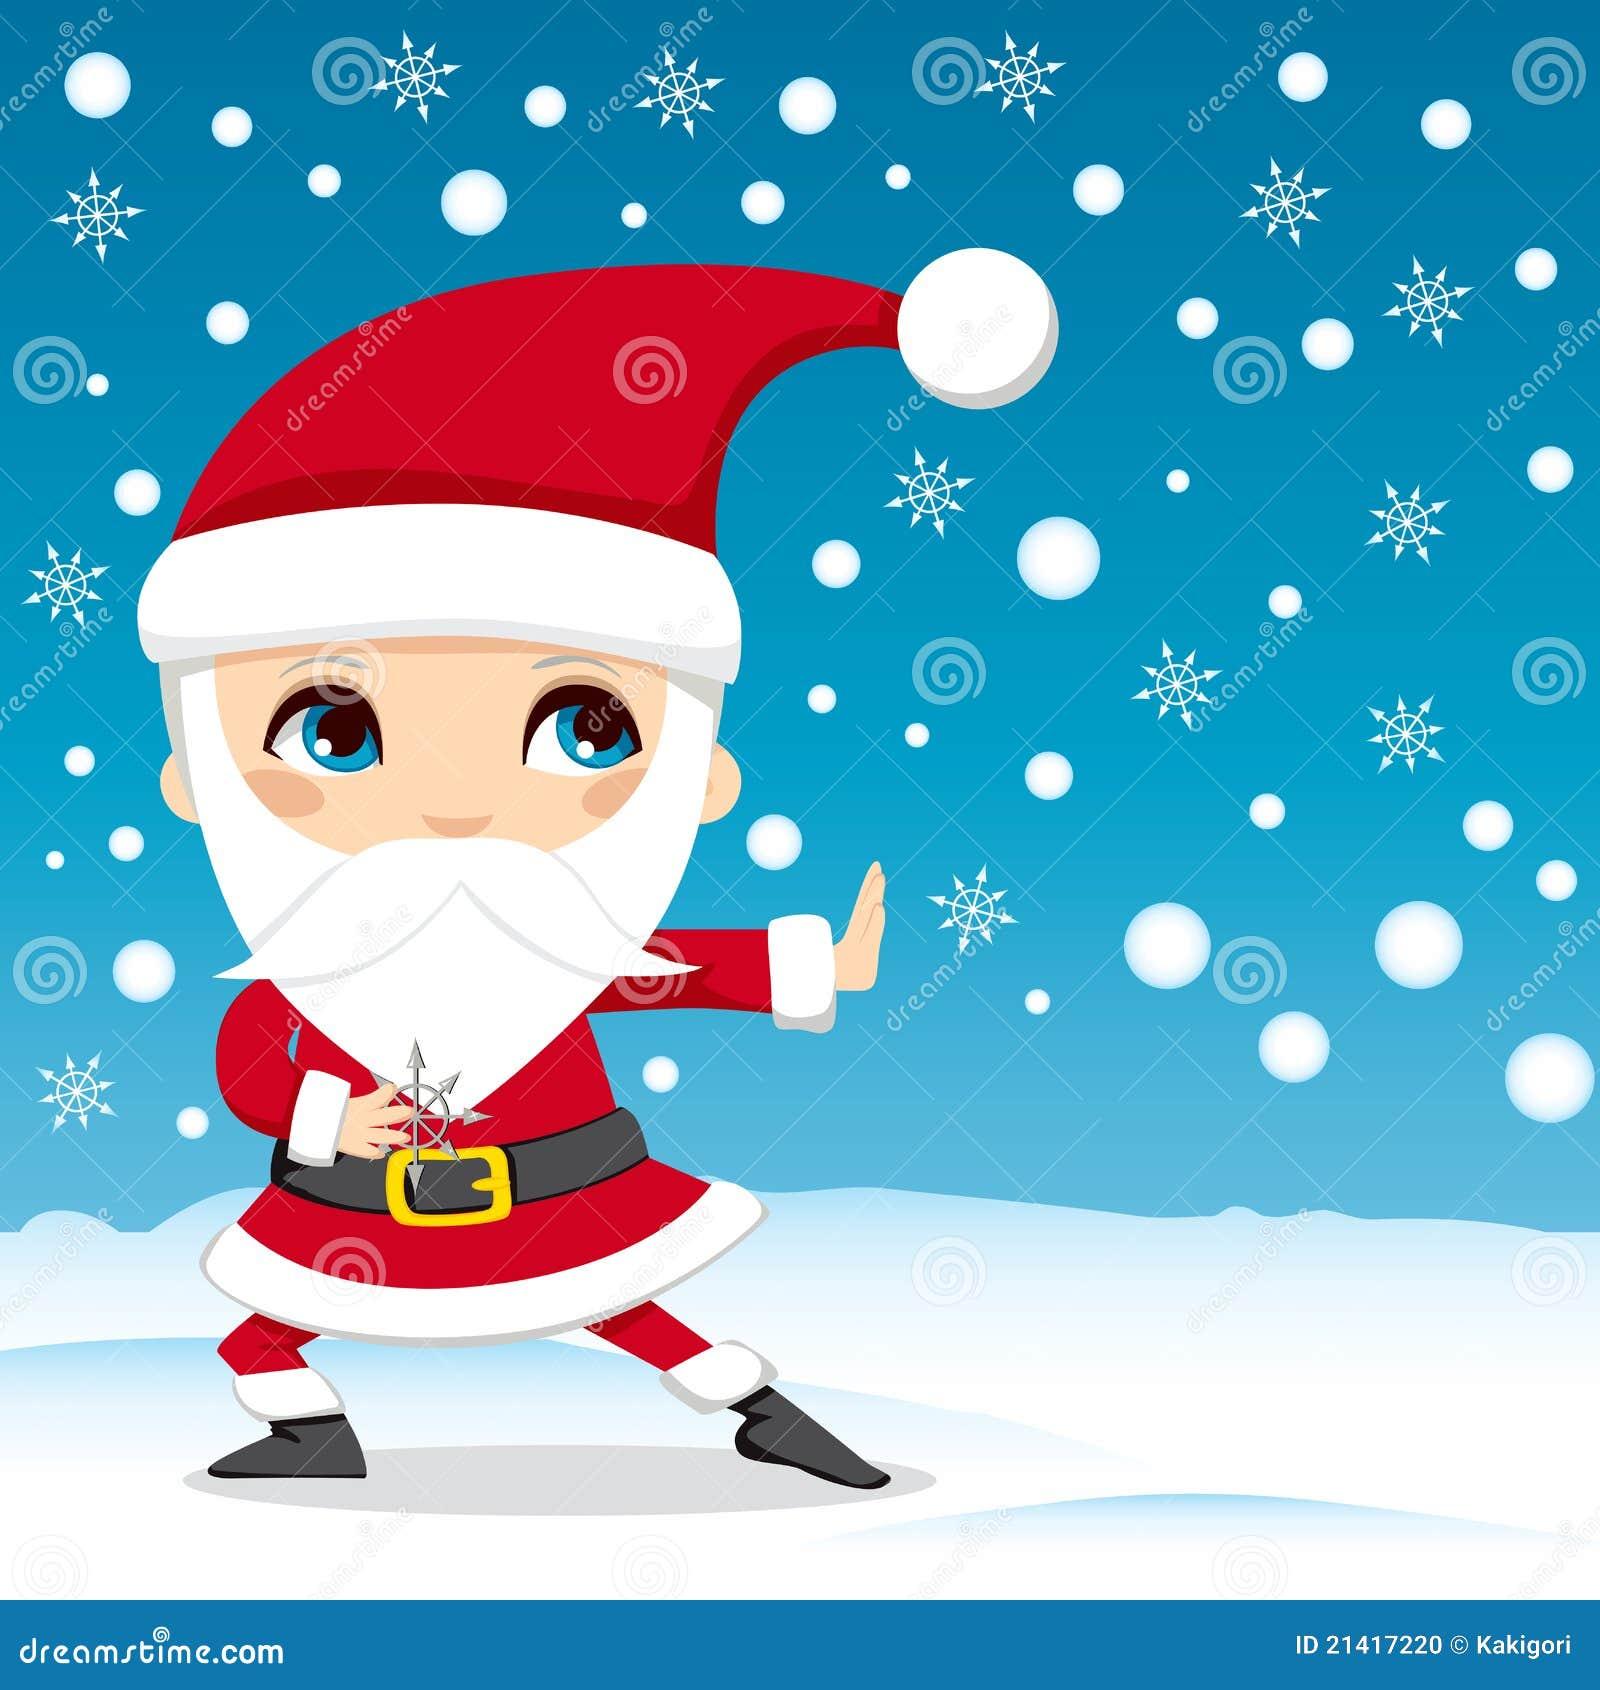 Immagini Karate Natale.Il Babbo Natale Ninja Illustrazione Vettoriale